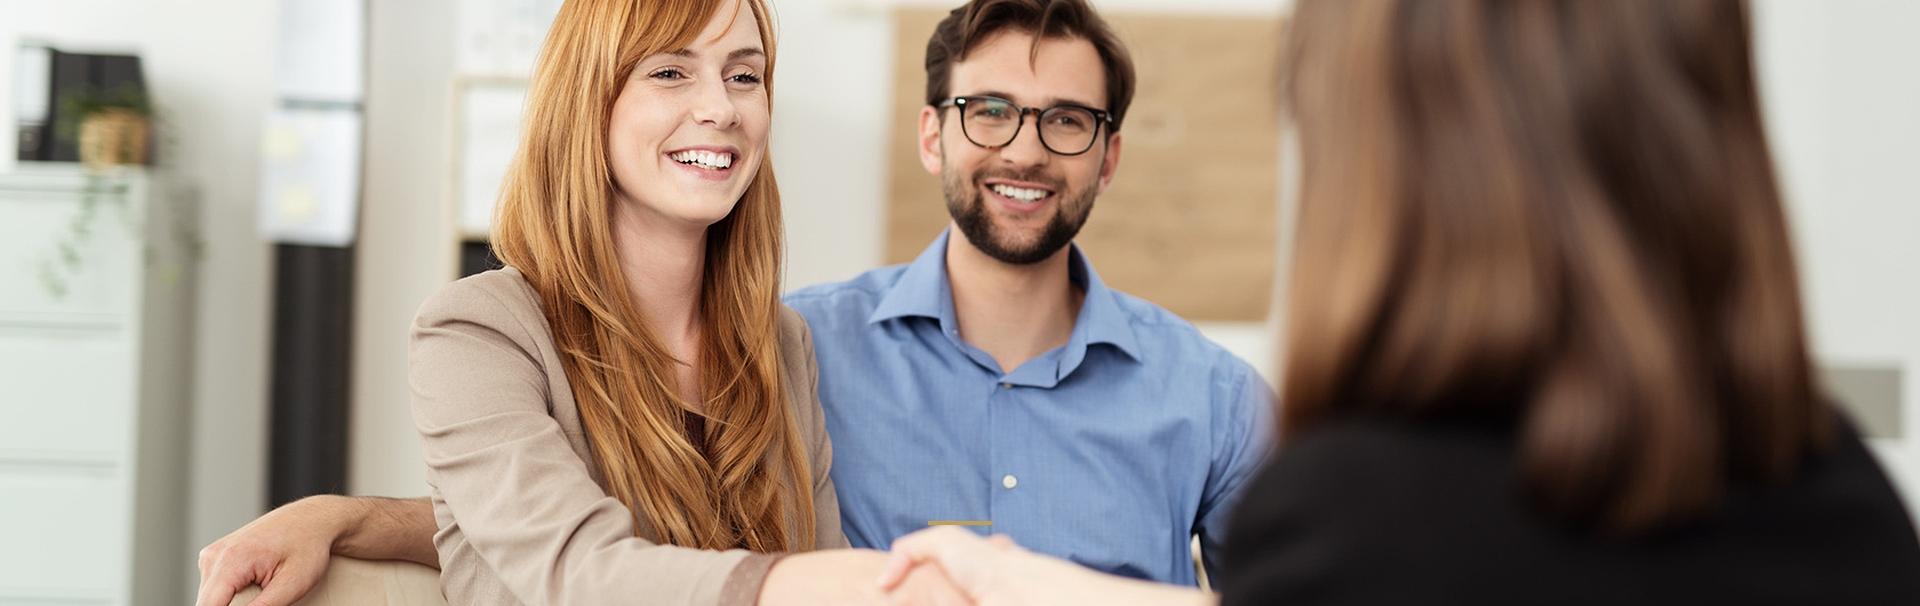 Mediazione Familiare: gestione del conflitto e tutela legale nella fase di separazione o divorzio